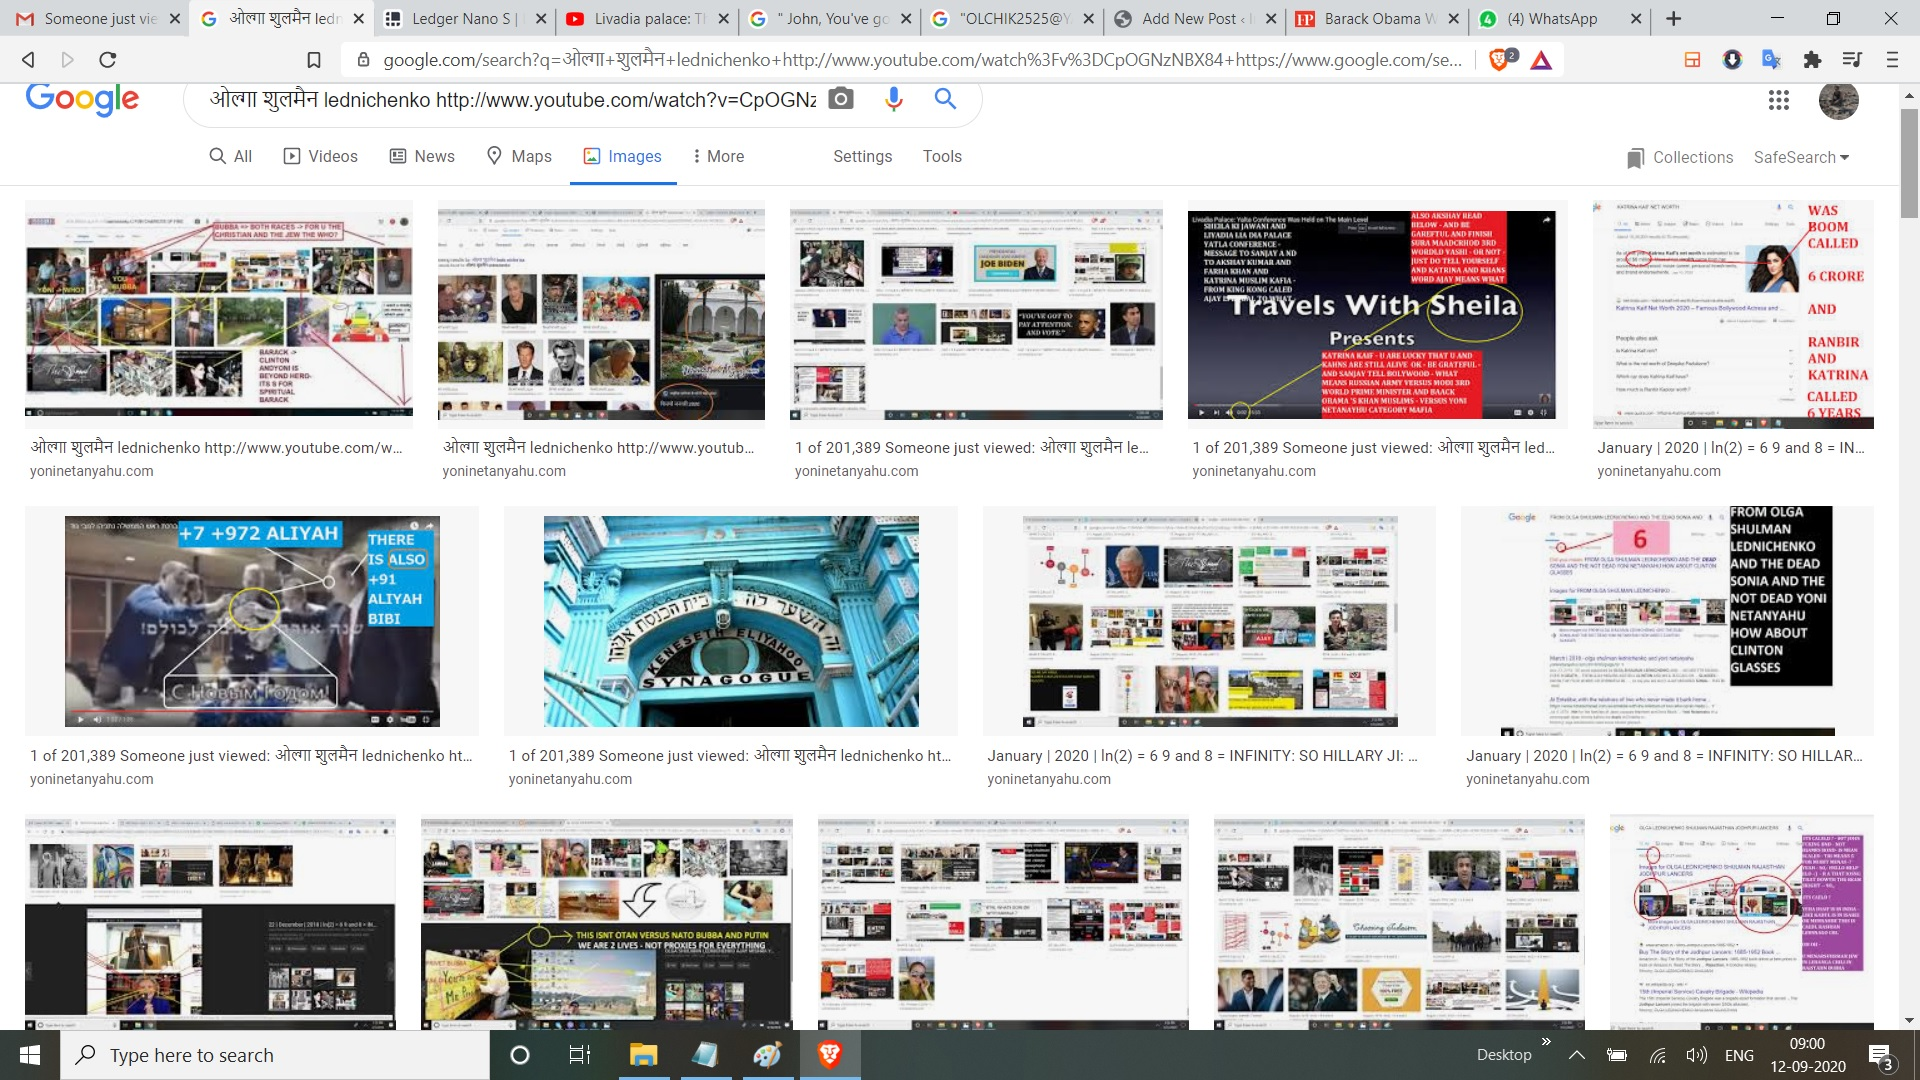 ओल्गा शुलमैन lednichenko http://www.youtube.com/watch?v=CpOGNzNBX84 https://www.google.com/search?q=%E0%A4%93%E0%A4%B2%E0%A5%8D%E0%A4%97%E0%A4%BE+%E0%A4%B6%E0%A5%81%E0%A4%B2%E0%A4%AE%E0%A5%88%E0%A4%A8+lednichenko&source=lnms&tbm=isch&sa=X&ved=2ahUKEwiKzcbju63nAhUSzjgGHQ5DBrkQ_AUoA3oECAYQBQ&biw=1536&bih=758#imgrc=ZjUIEAFJ4mSMCM: दृश्य कला साहित्य एक टेलीविजन जुआ प्राचीन वस्तुओं संगीत जहां उन्होंने कुत्ते को घास में मार दिया था? फिल्माने का स्थान - फिल्में - 2020 फिल्में 2019 वर्ष 1977 है, यूएसएसआर में ठहराव की अवधि जल्द ही समाप्त हो जाएगी, और निर्देशक जान फ्राइड अंत में अप